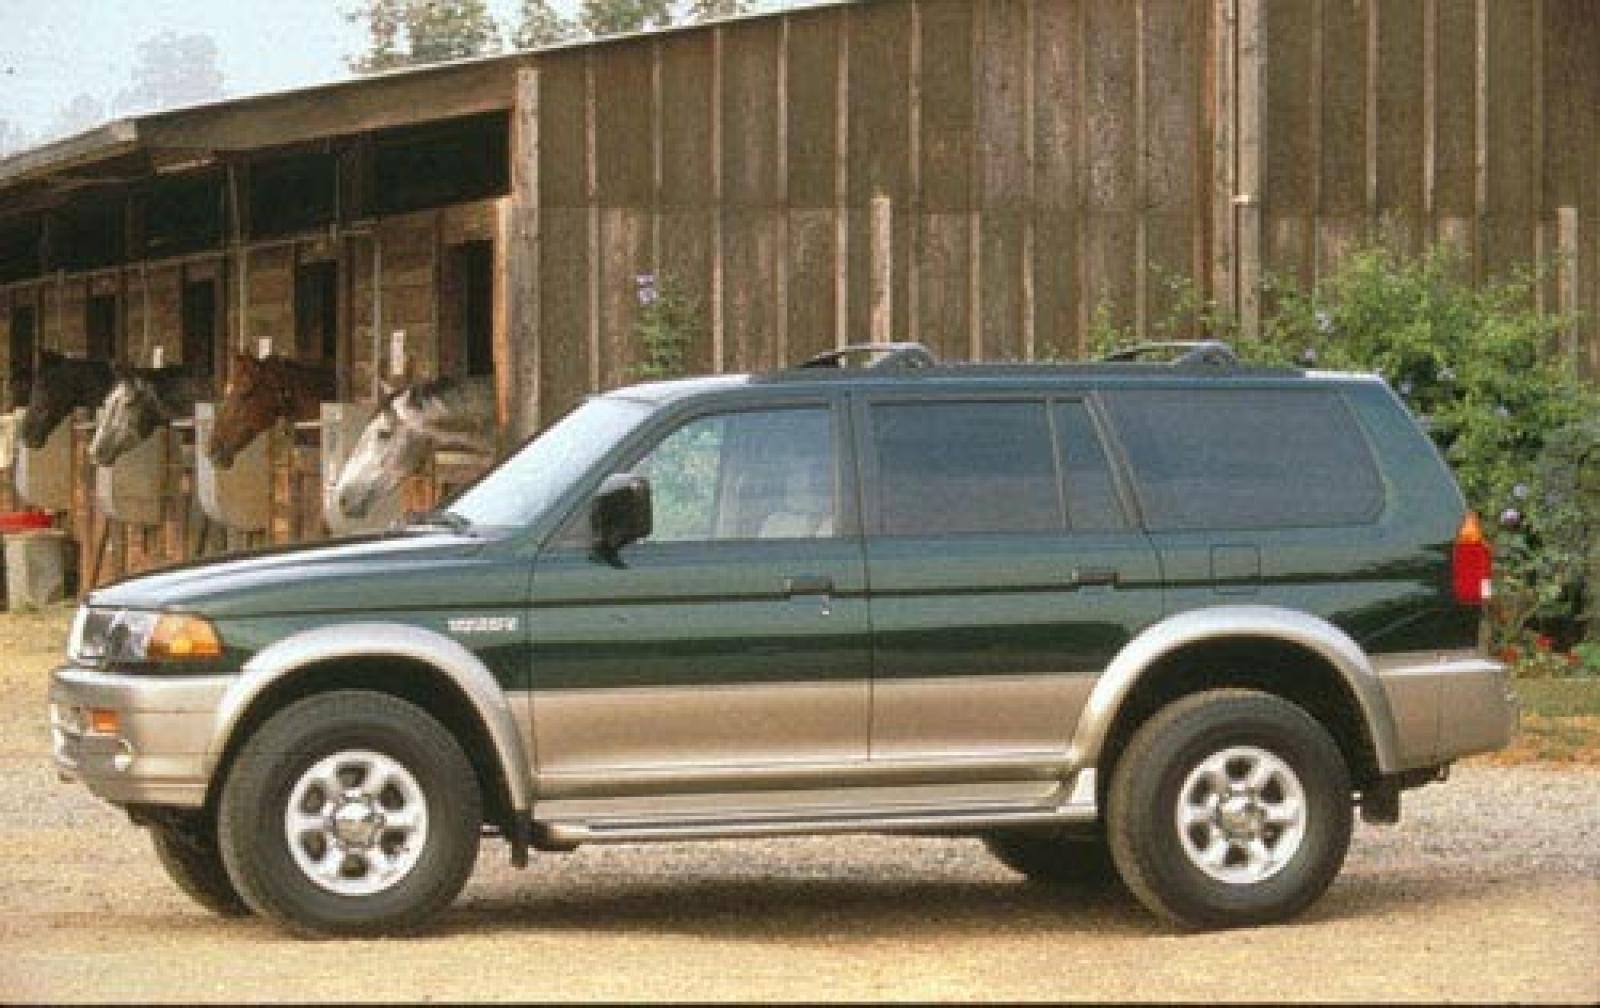 1999 Mitsubishi Montero Sport #2 1999 Mitsubishi Montero S Exterior #2 800  1024 1280 1600 Origin ...